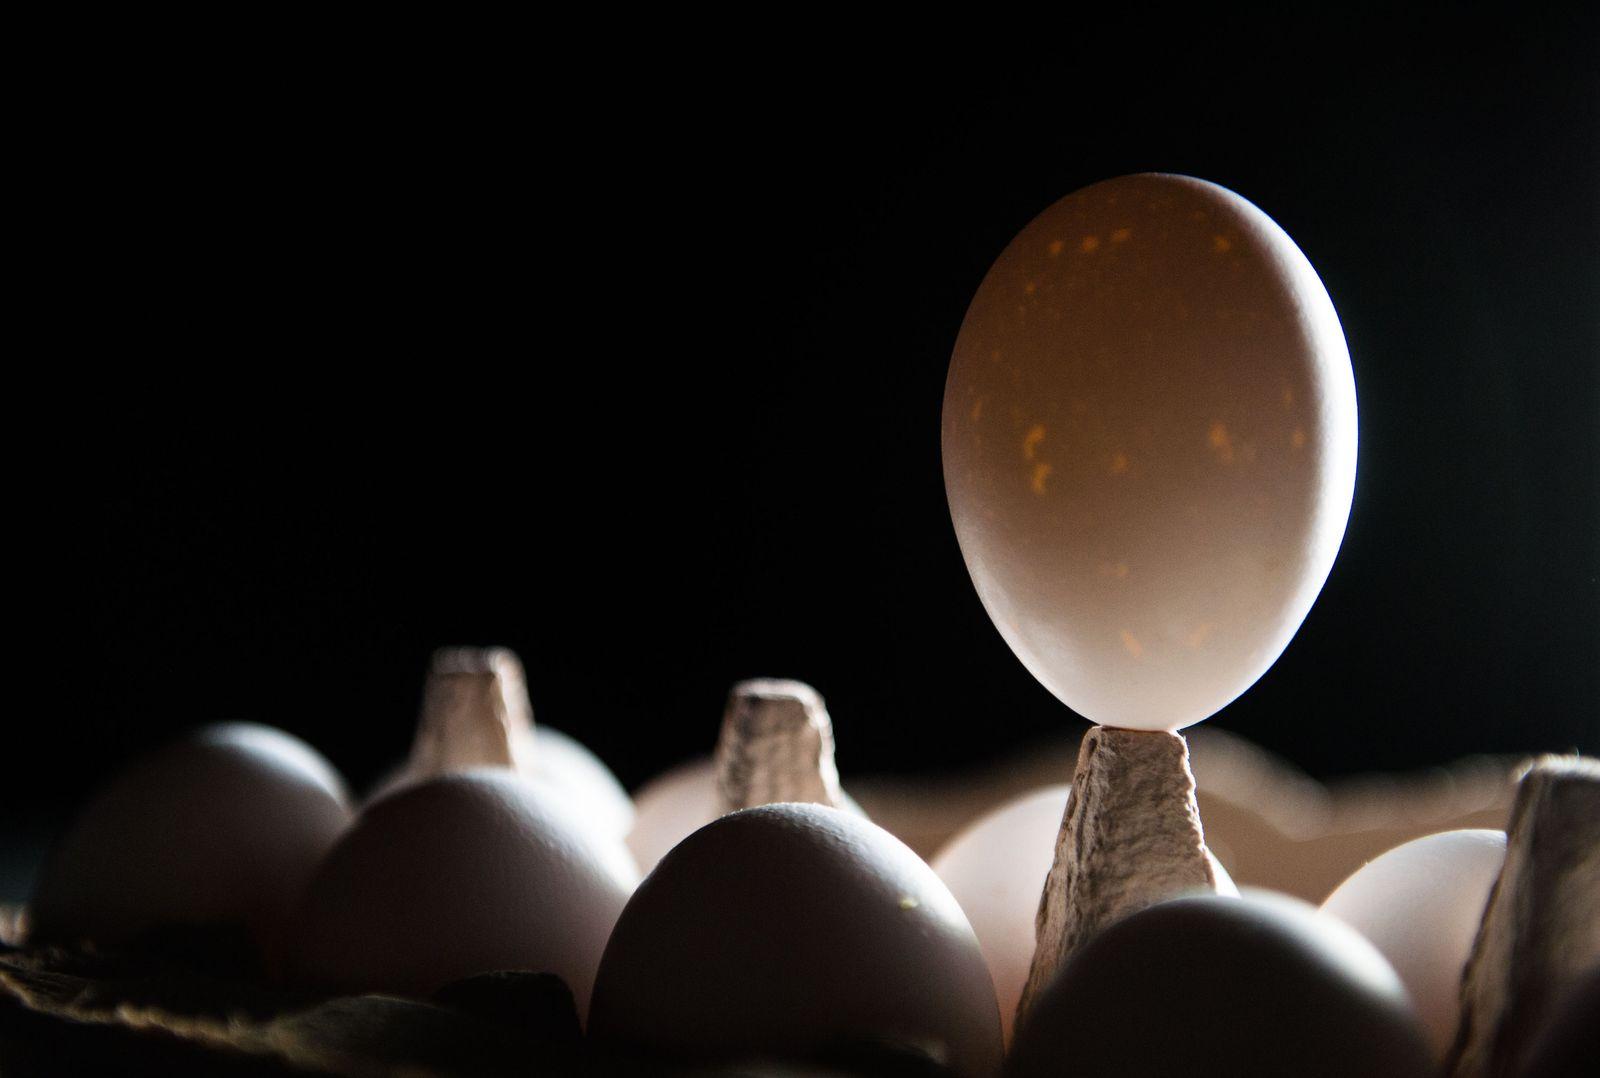 Skandal um belastete Eier